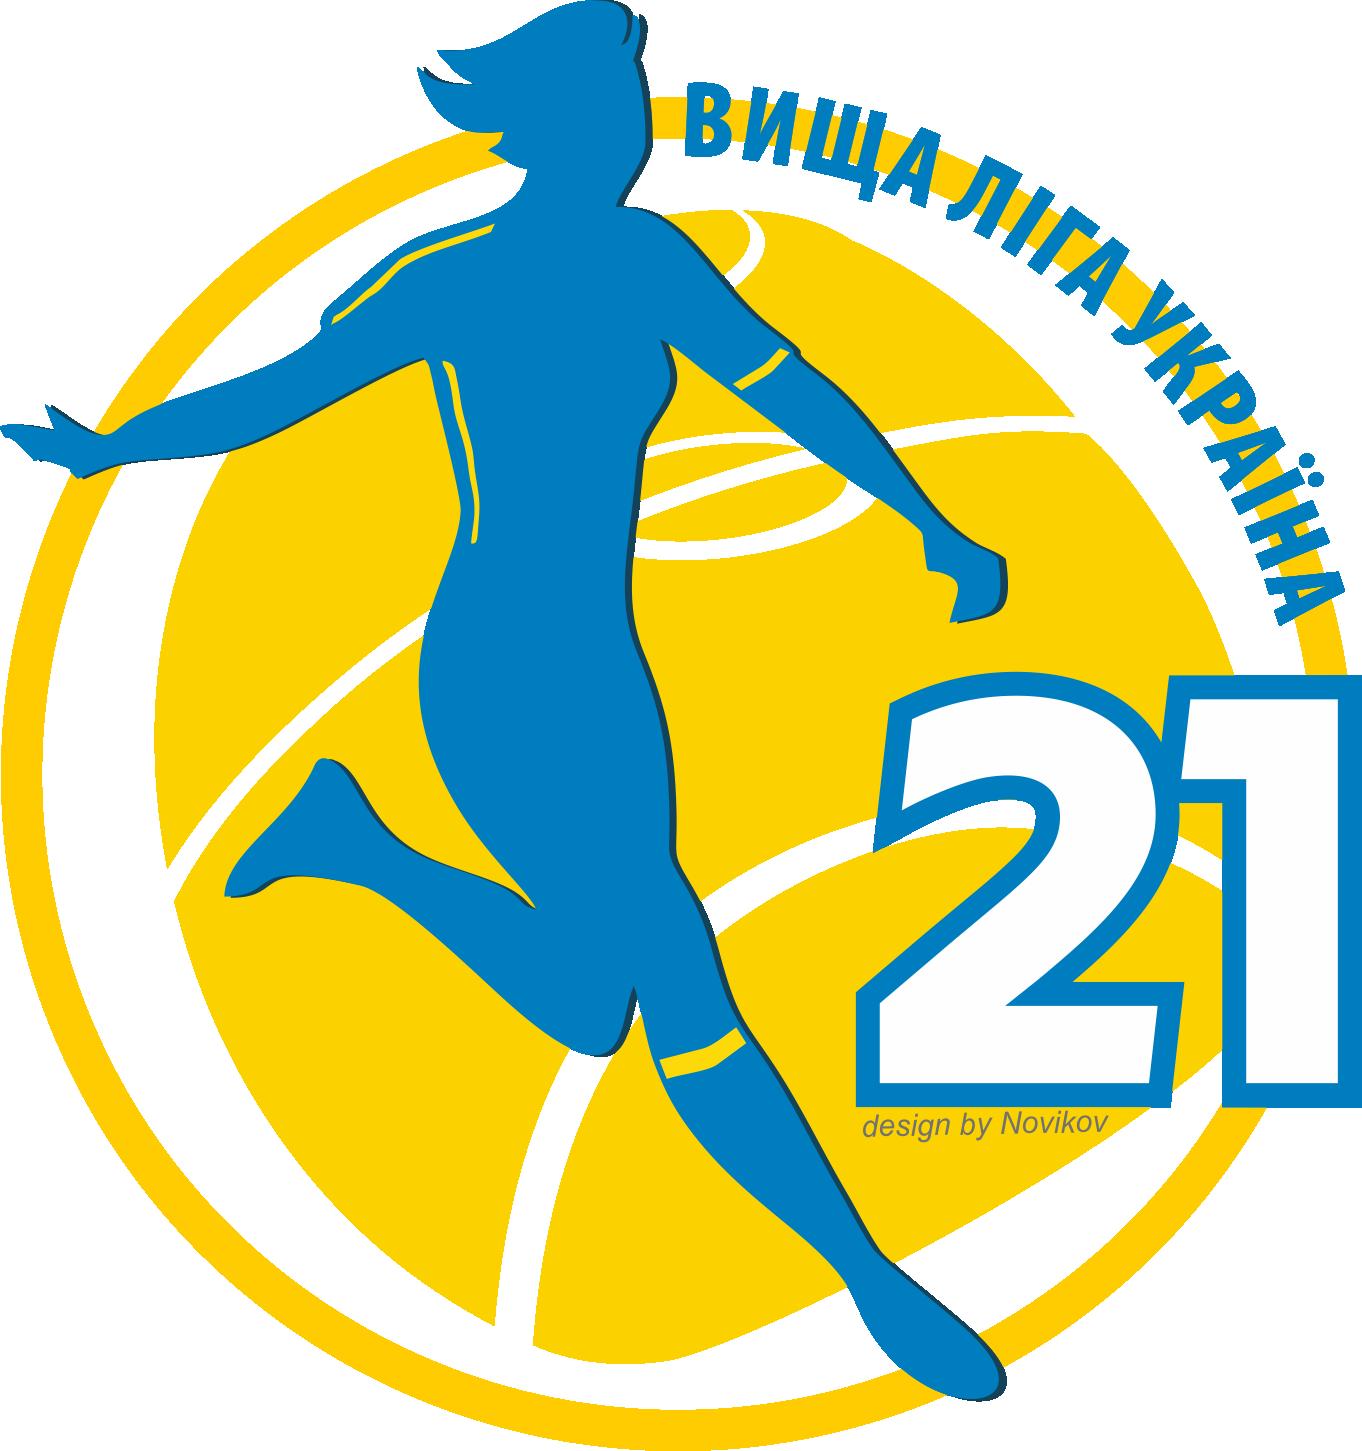 жіночий футзал, АМФУ, Червоний, міні-футбол, женский футзал, чемпионат 13-14, логотип 20 сезону жіночого футзалу